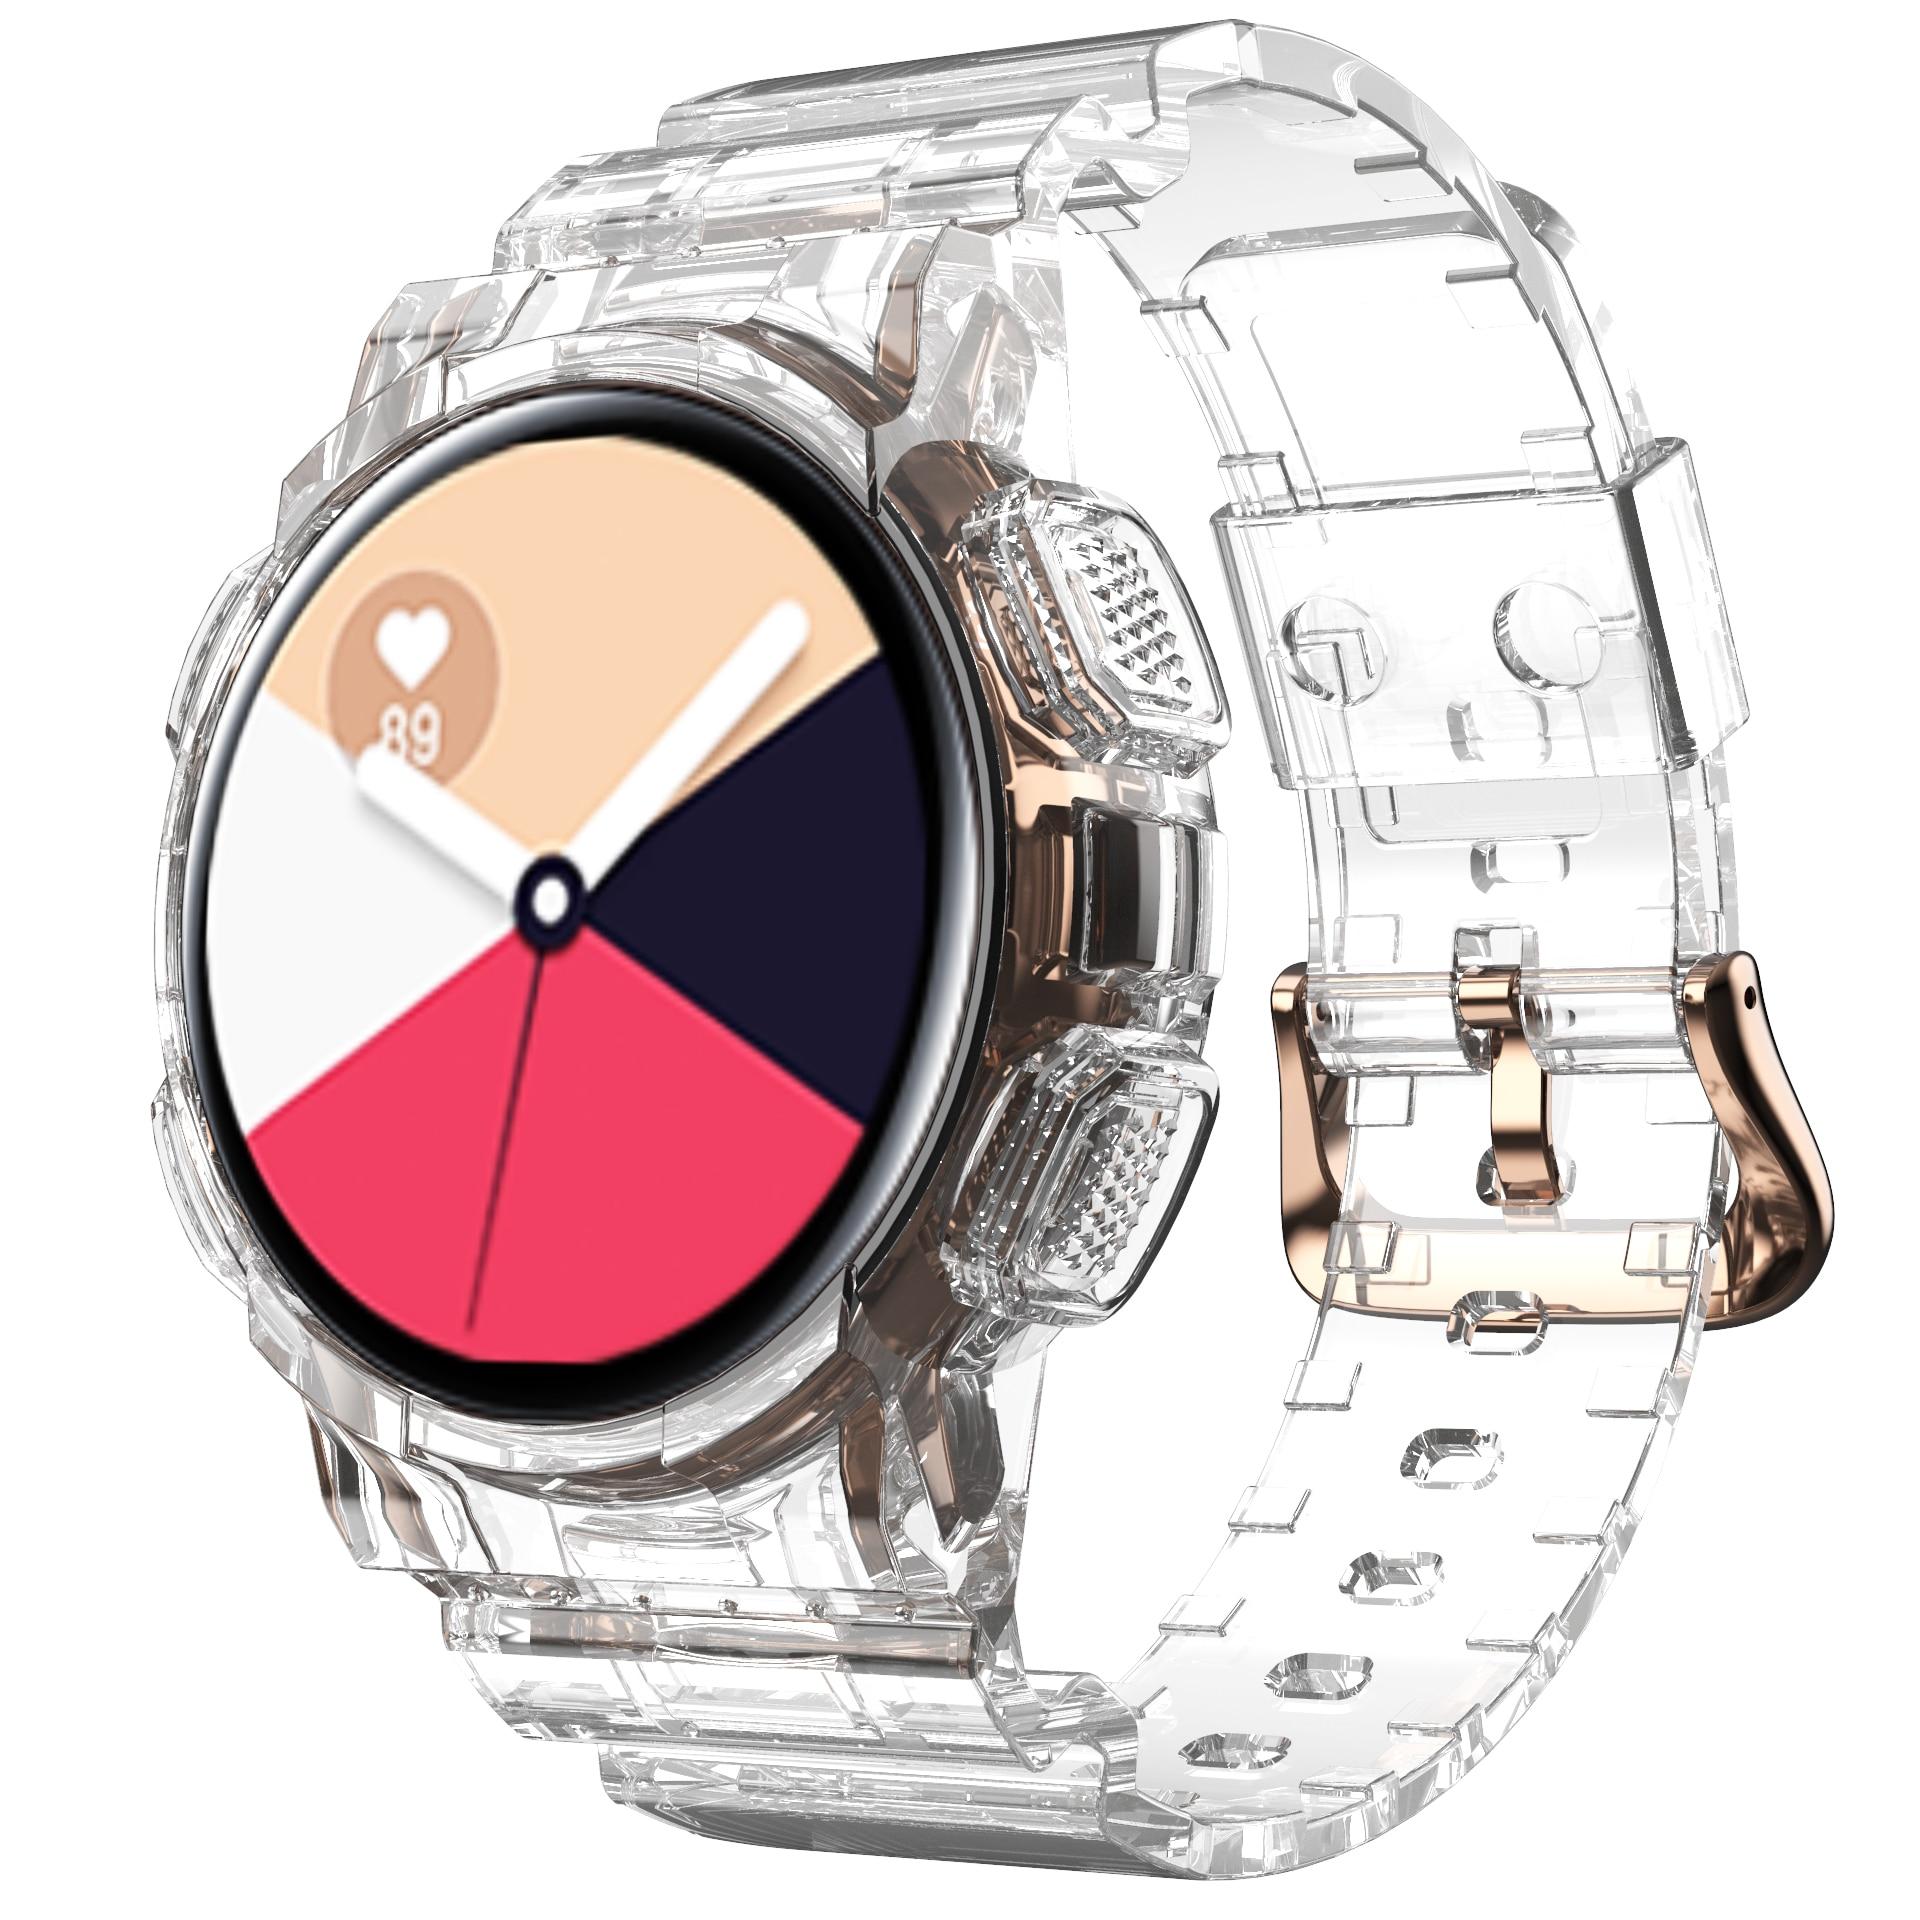 correa-de-reloj-de-tpu-para-samsung-galaxy-active-2-correa-deportiva-transparente-funda-para-galaxy-active-2-40mm